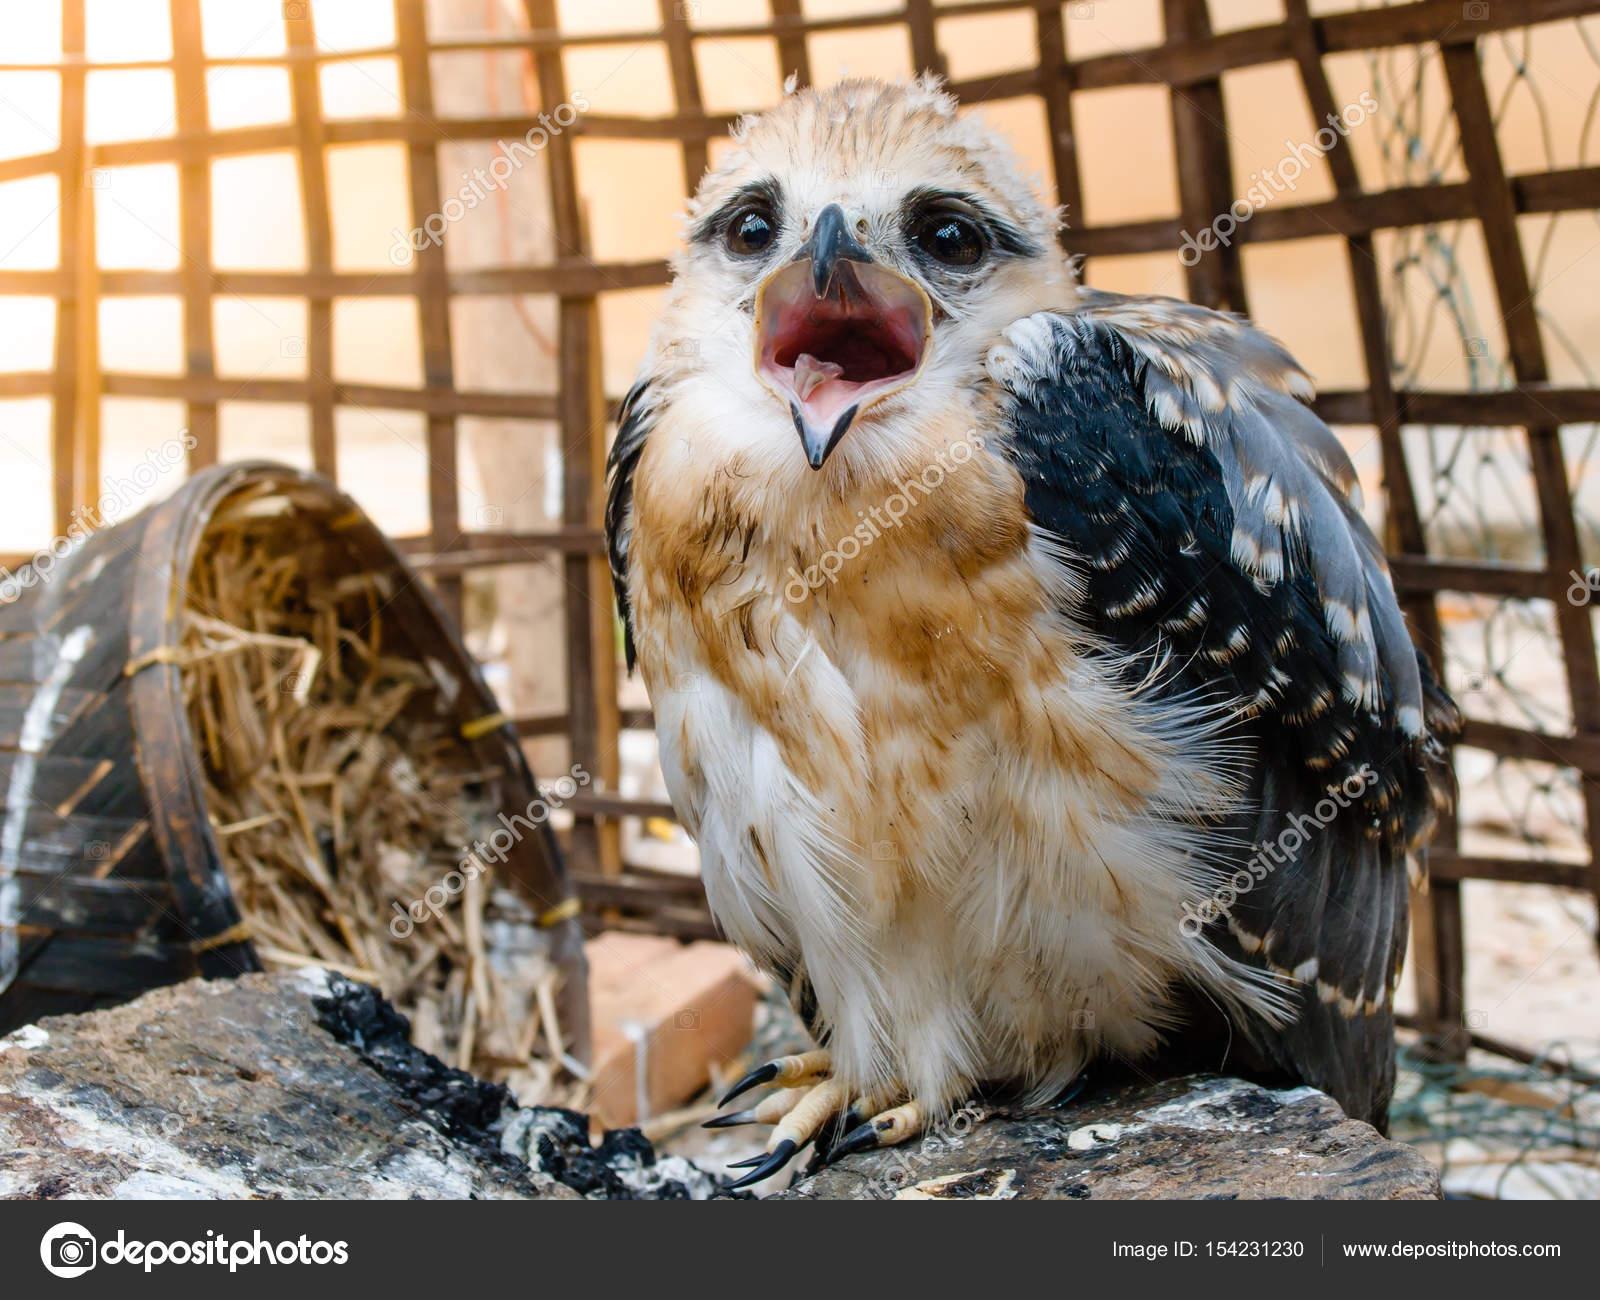 retrato de pássaro falcão fotografias de stock madozi 154231230